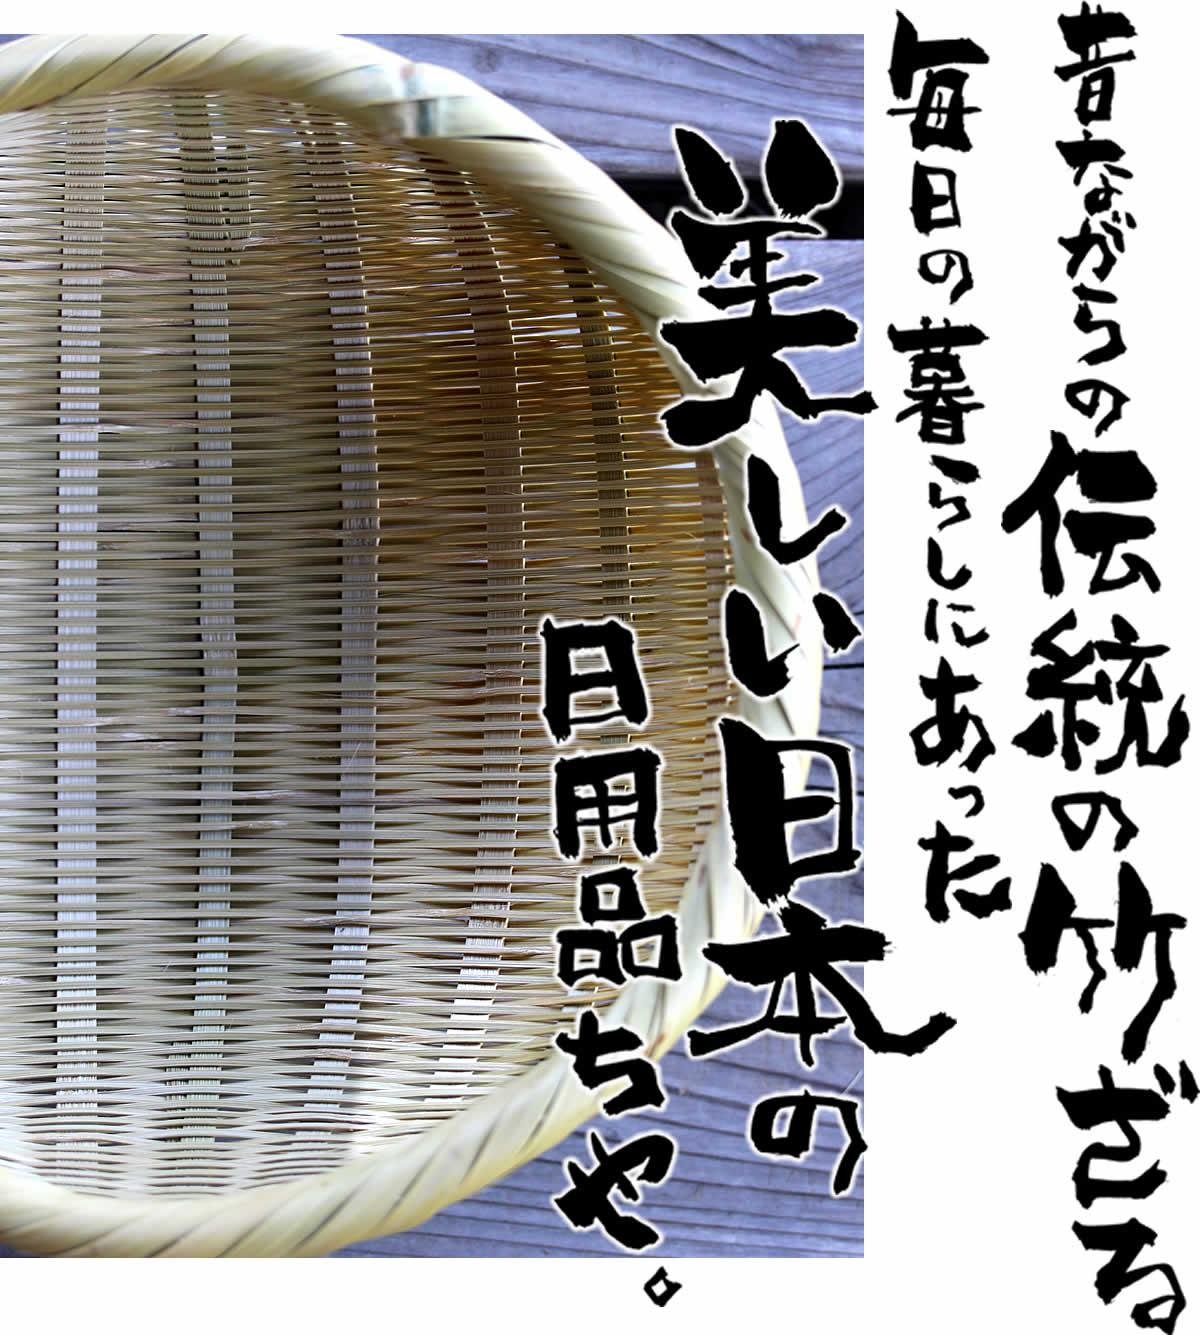 昔ながらの美しい日本の日用品、米とぎざる(3合用)